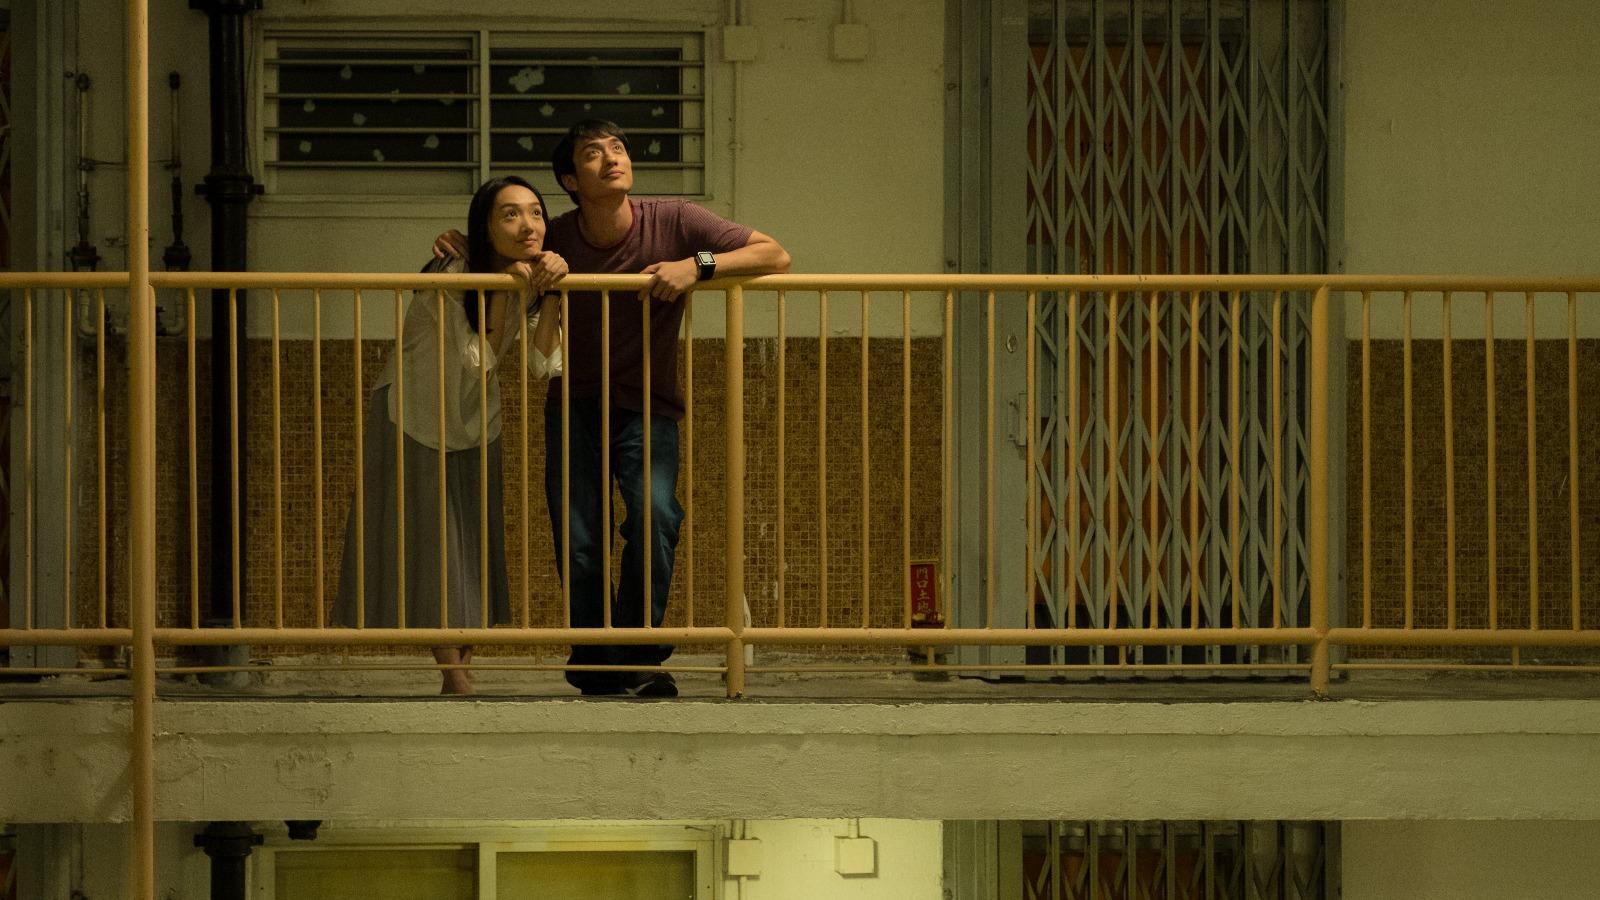 《幻愛》是周冠威第二部長片,為城中的人帶來情感療癒。